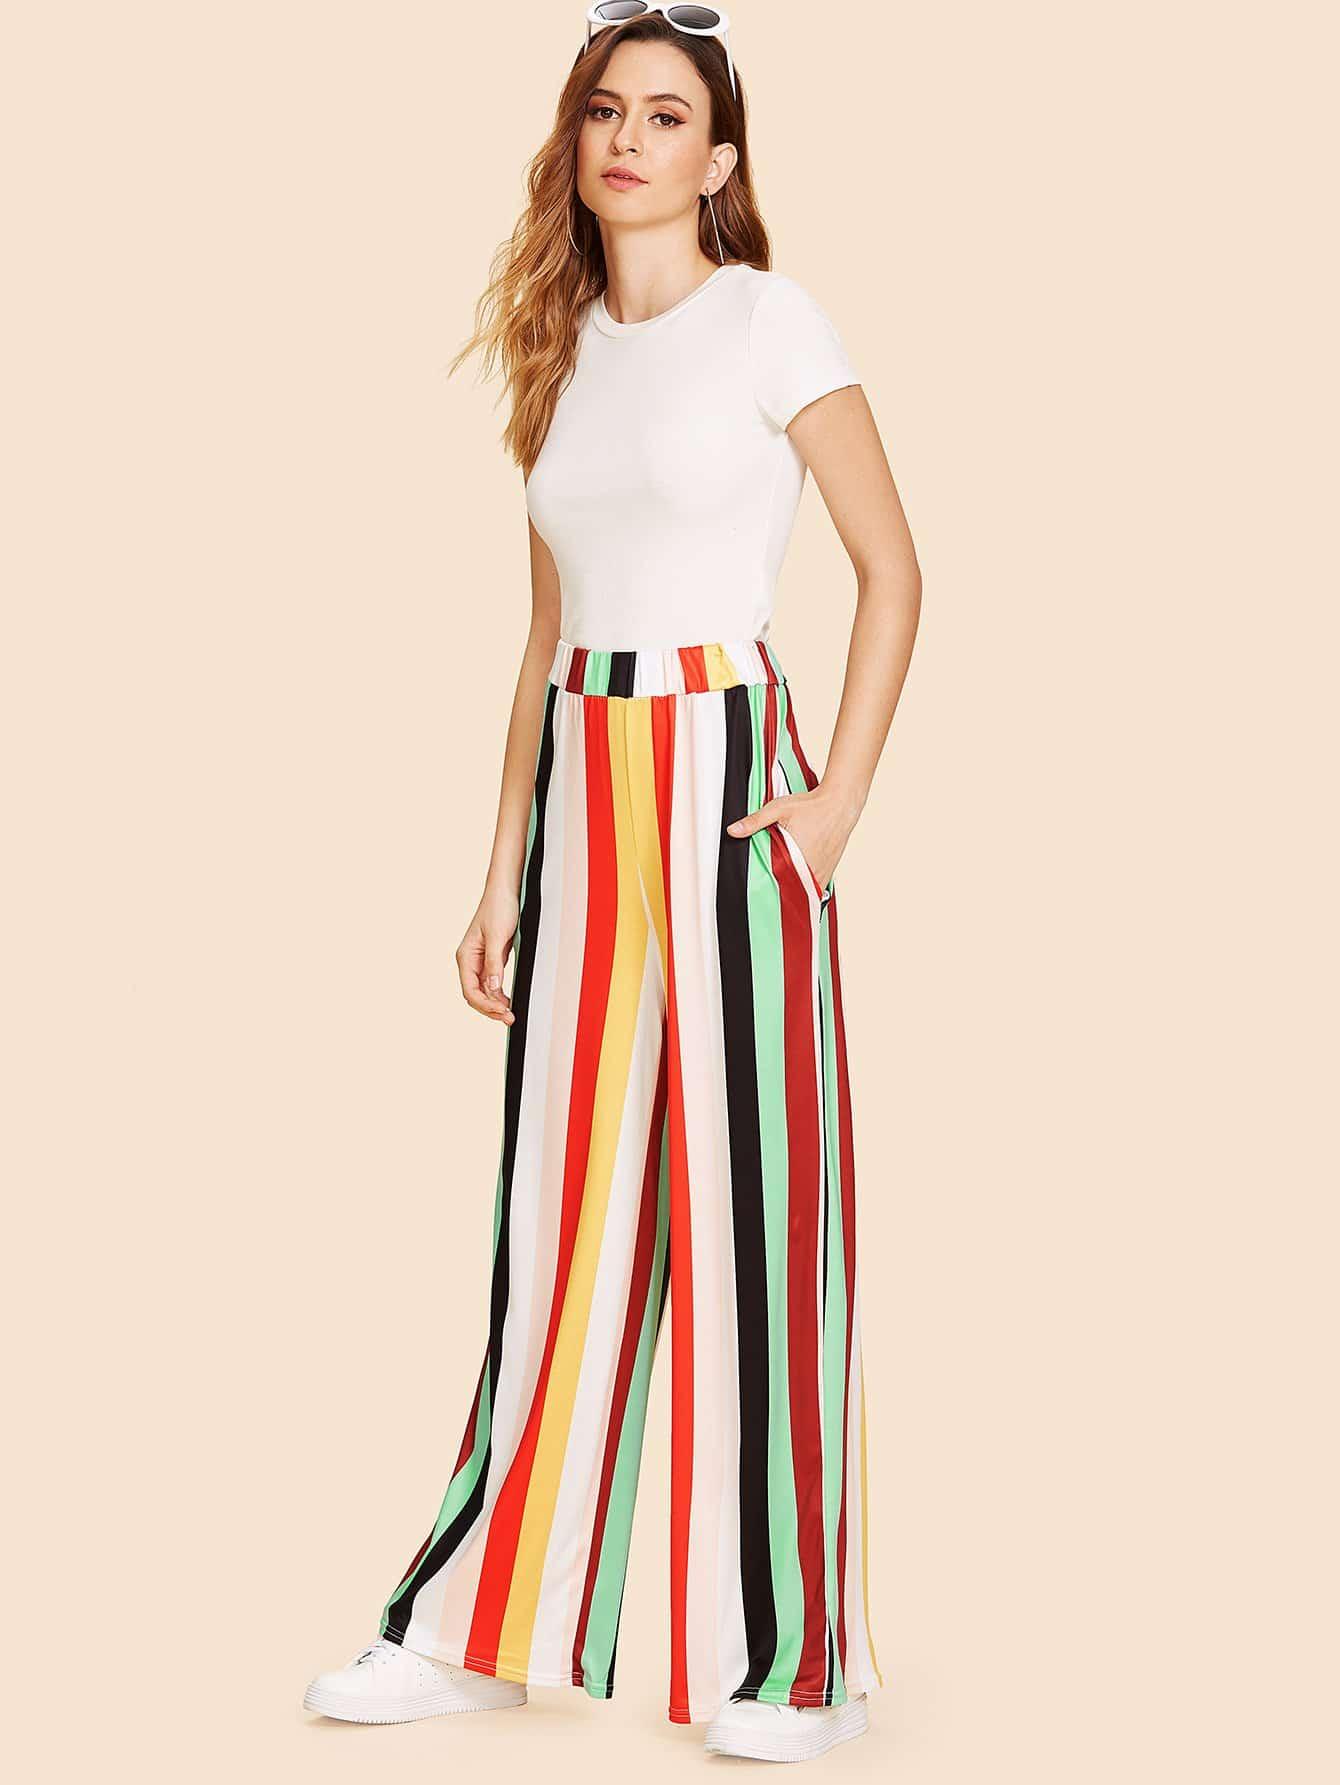 Rainbow Stretch High Waist Wide Leg Pants s xxl 2018 skinny slim high waist pencil pants women stretch sexy denim jeans bodycon leg split trousers